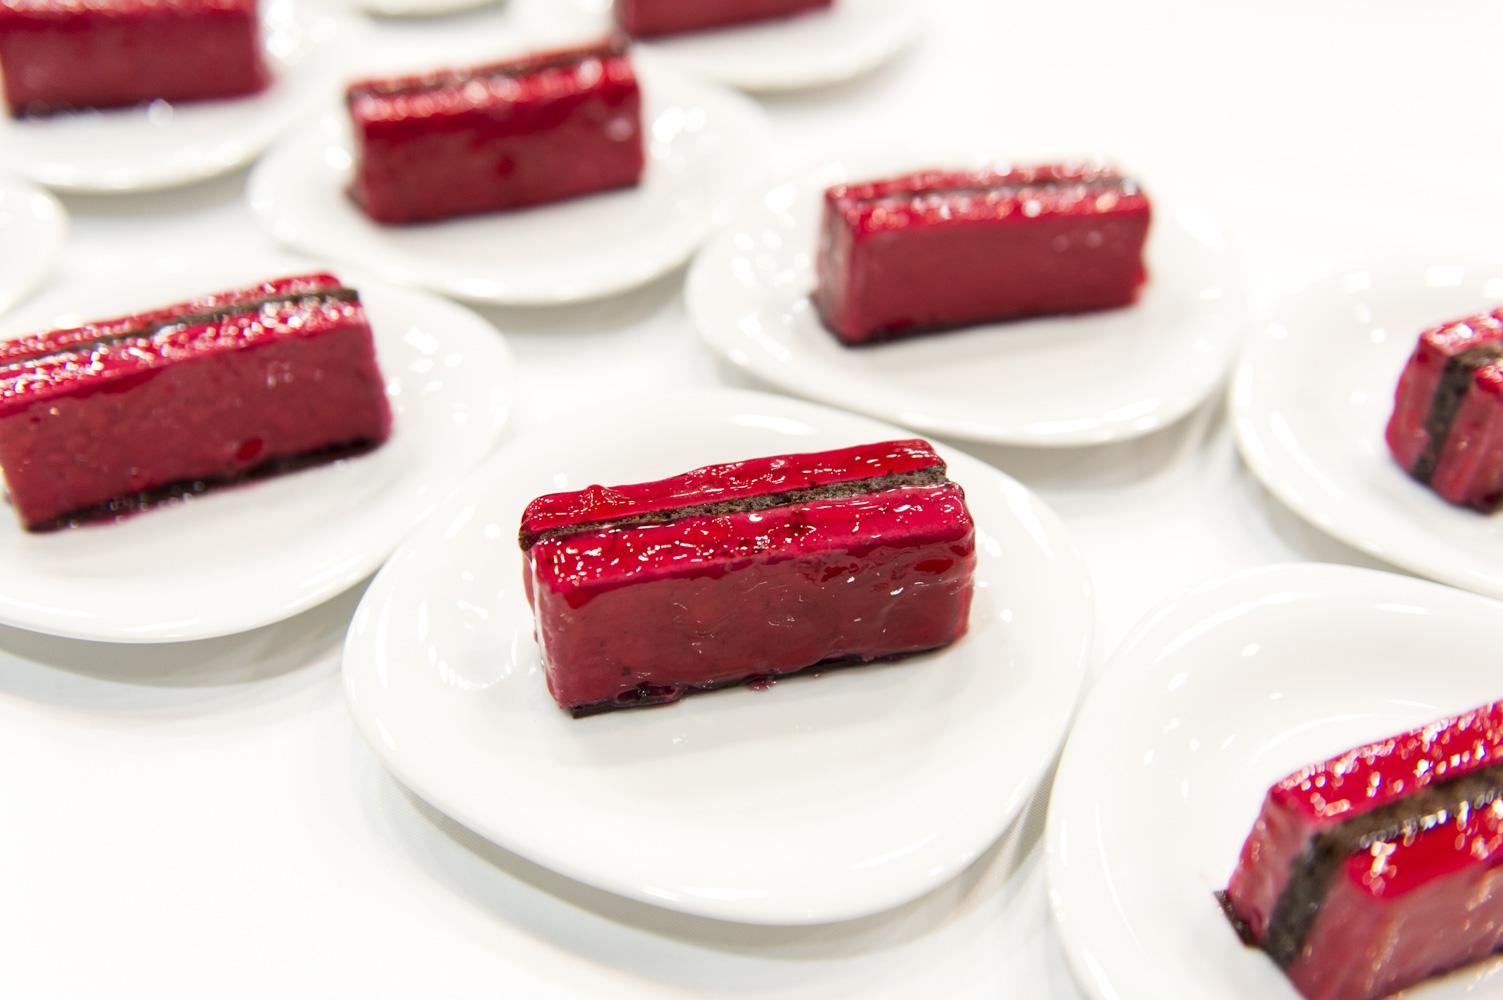 ケータリングに「霧ヶ峰Style FLシリーズ」ボルドーレッドをイメージしたケーキが登場。